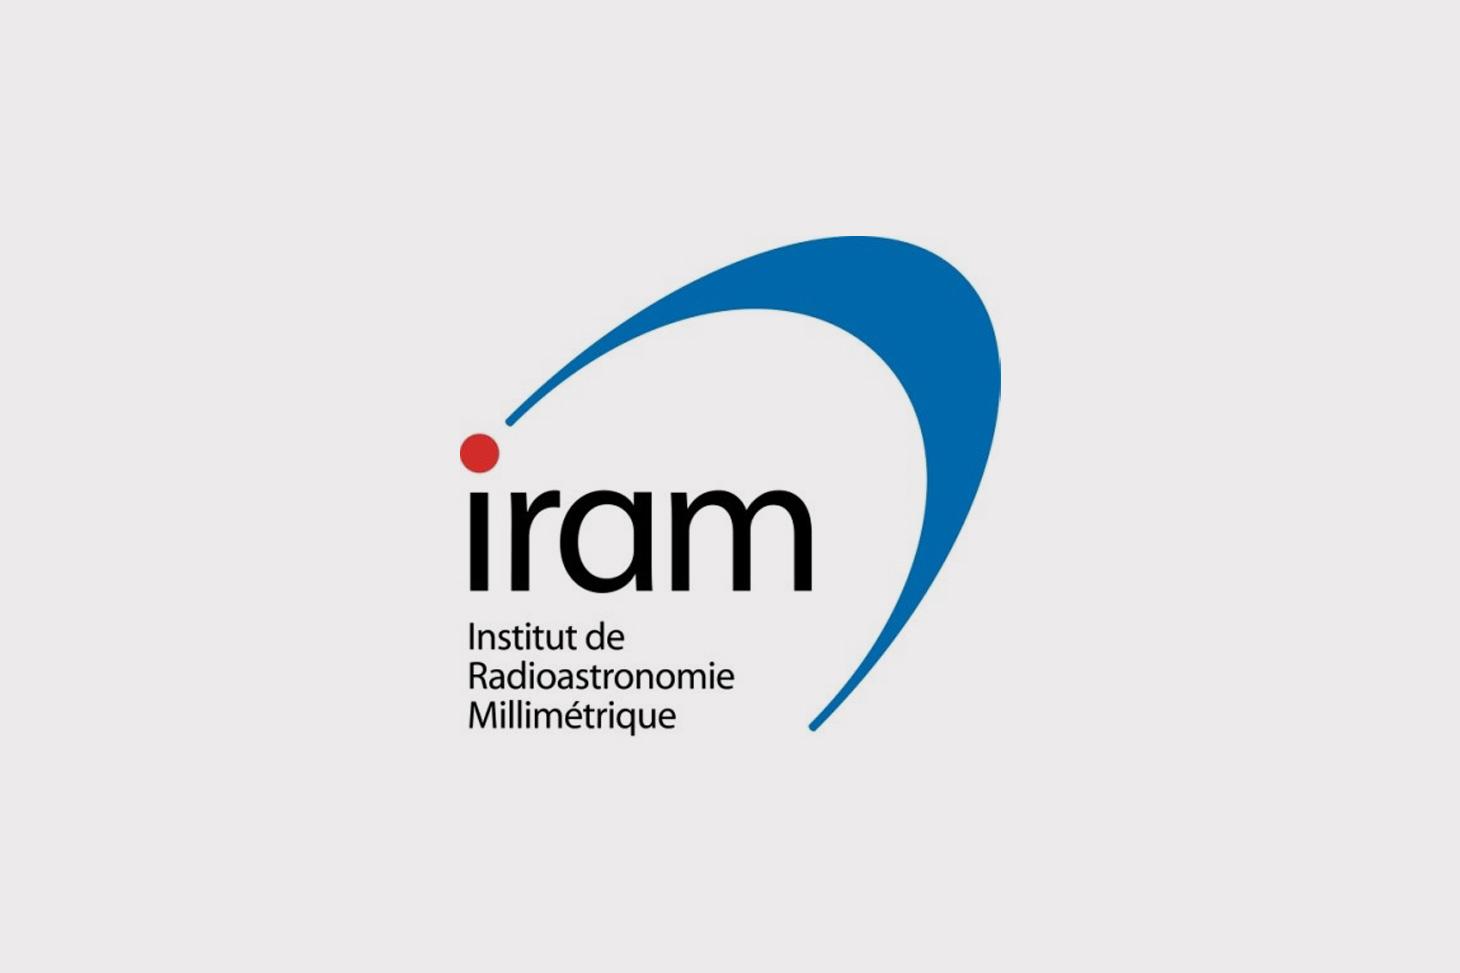 Logo Institut de radioastronomie millimétrique (IRAM)